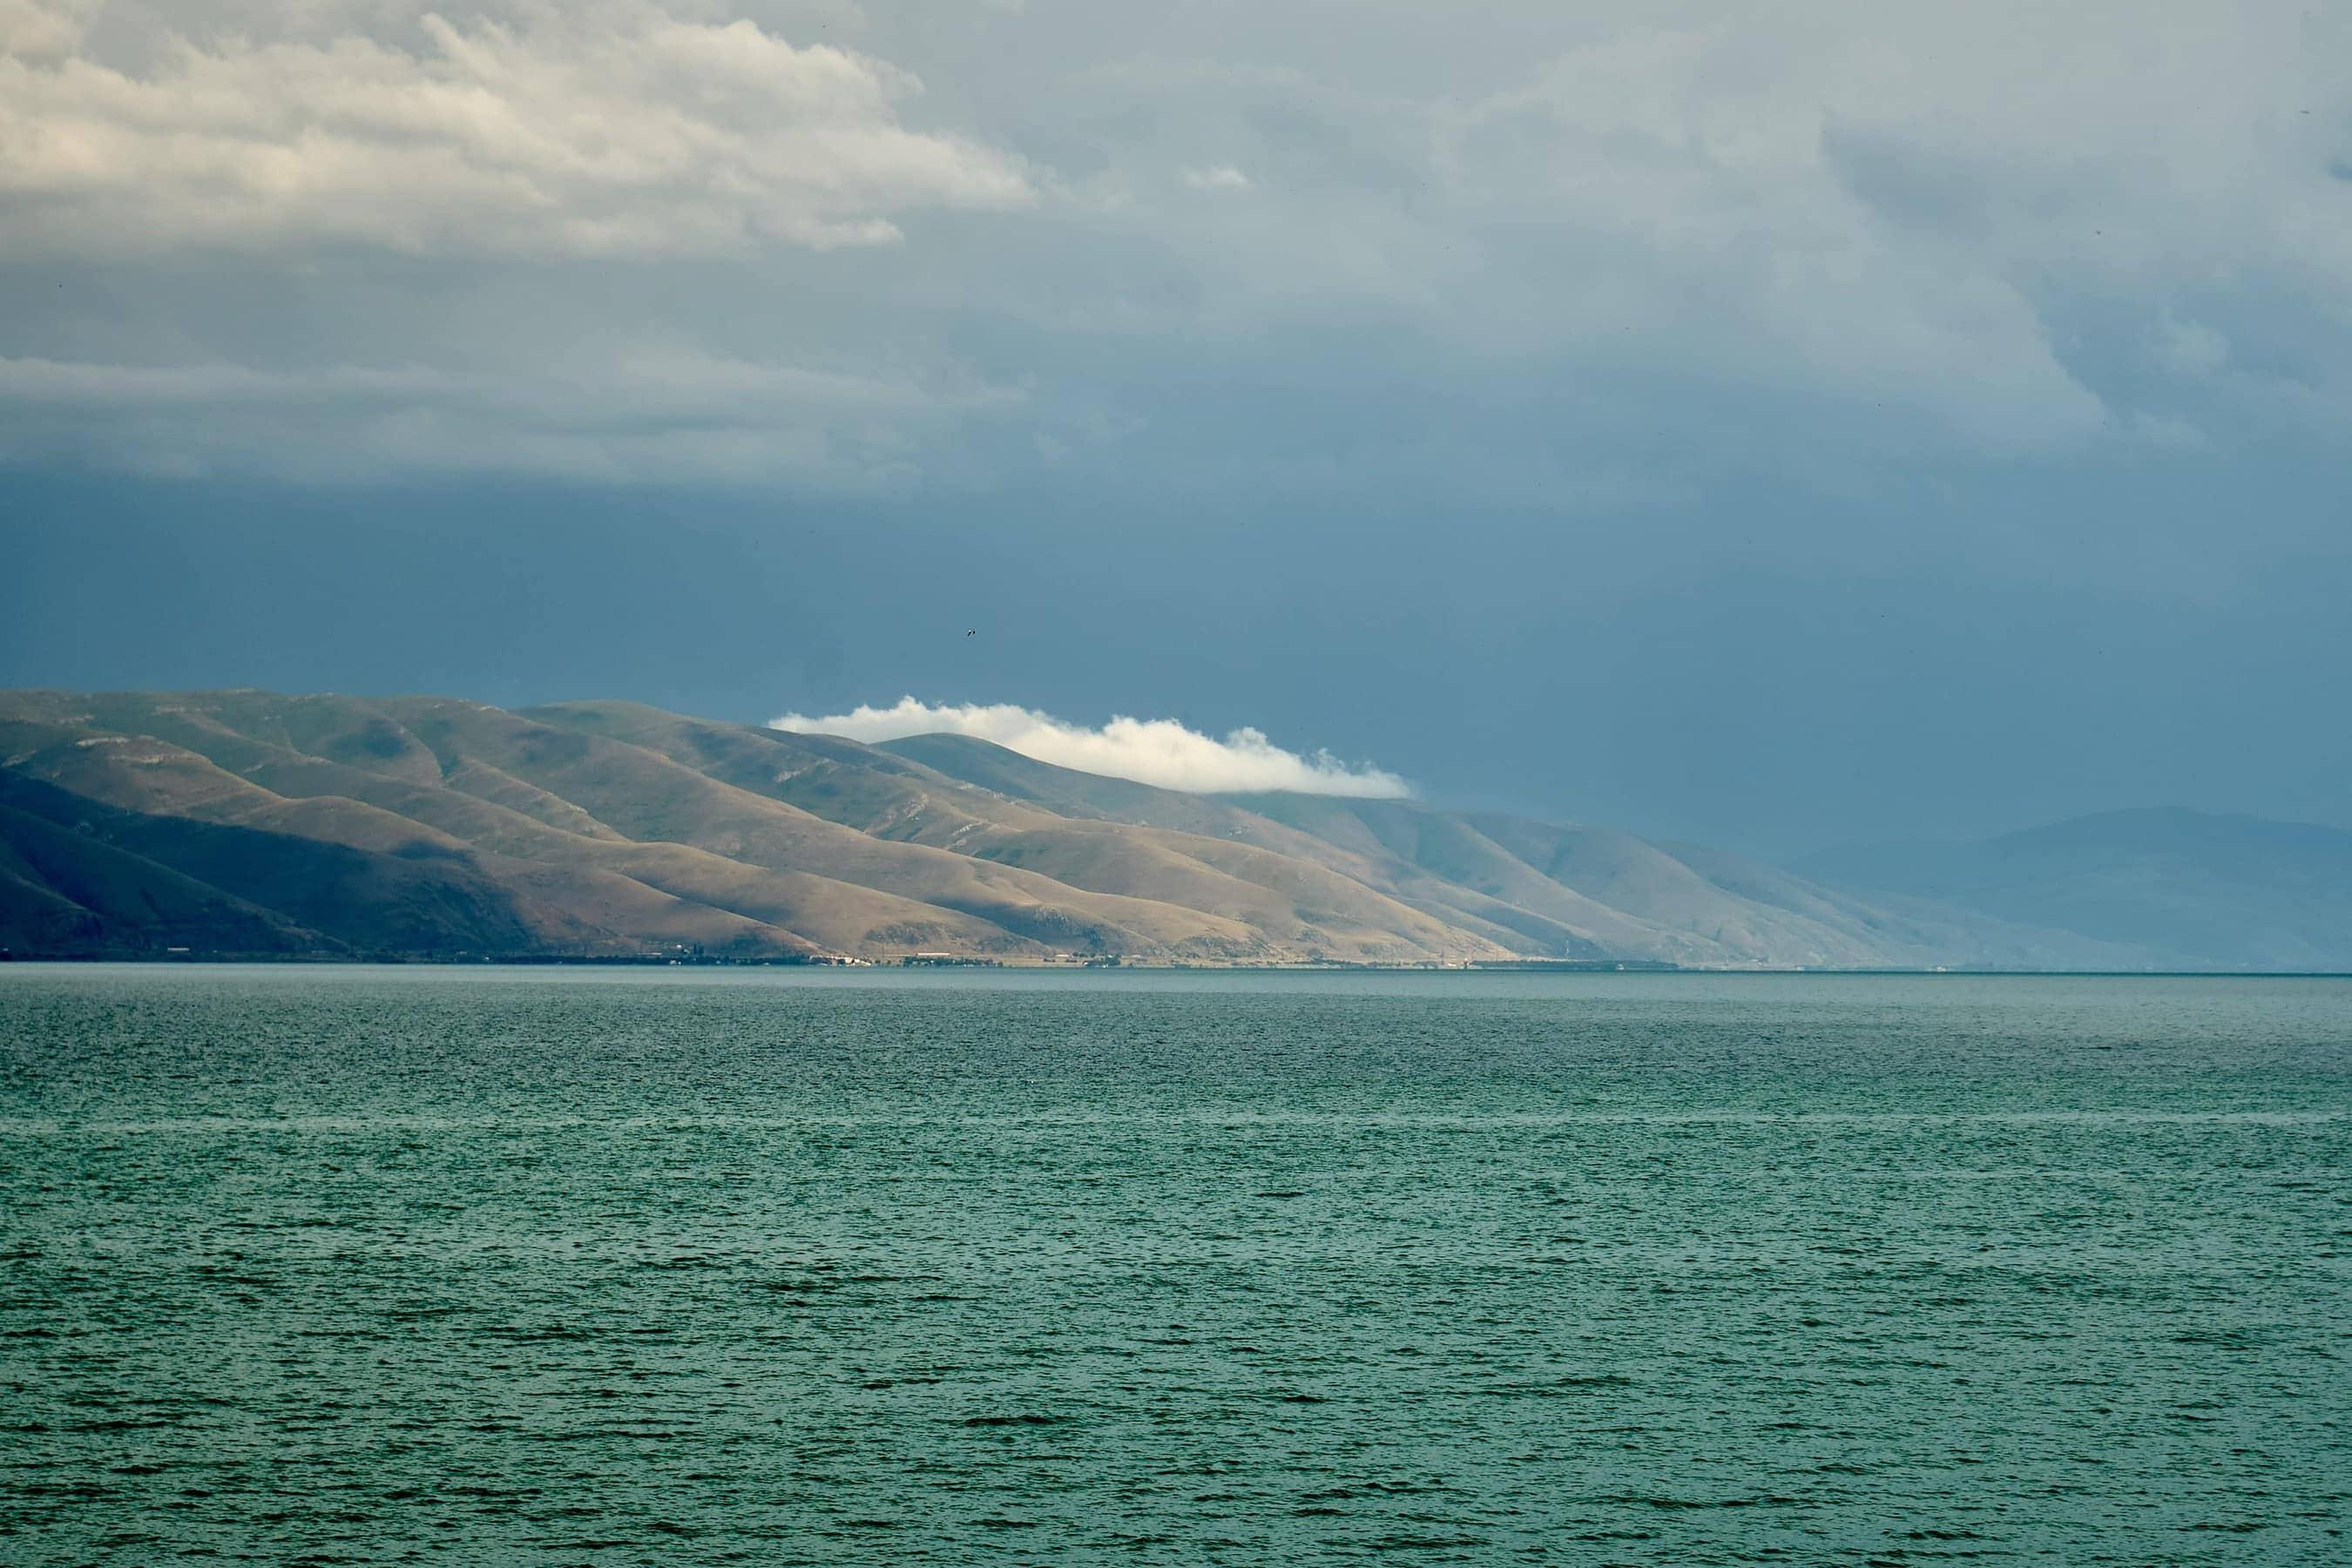 dunkle Wolken über dem grünen Sewansee